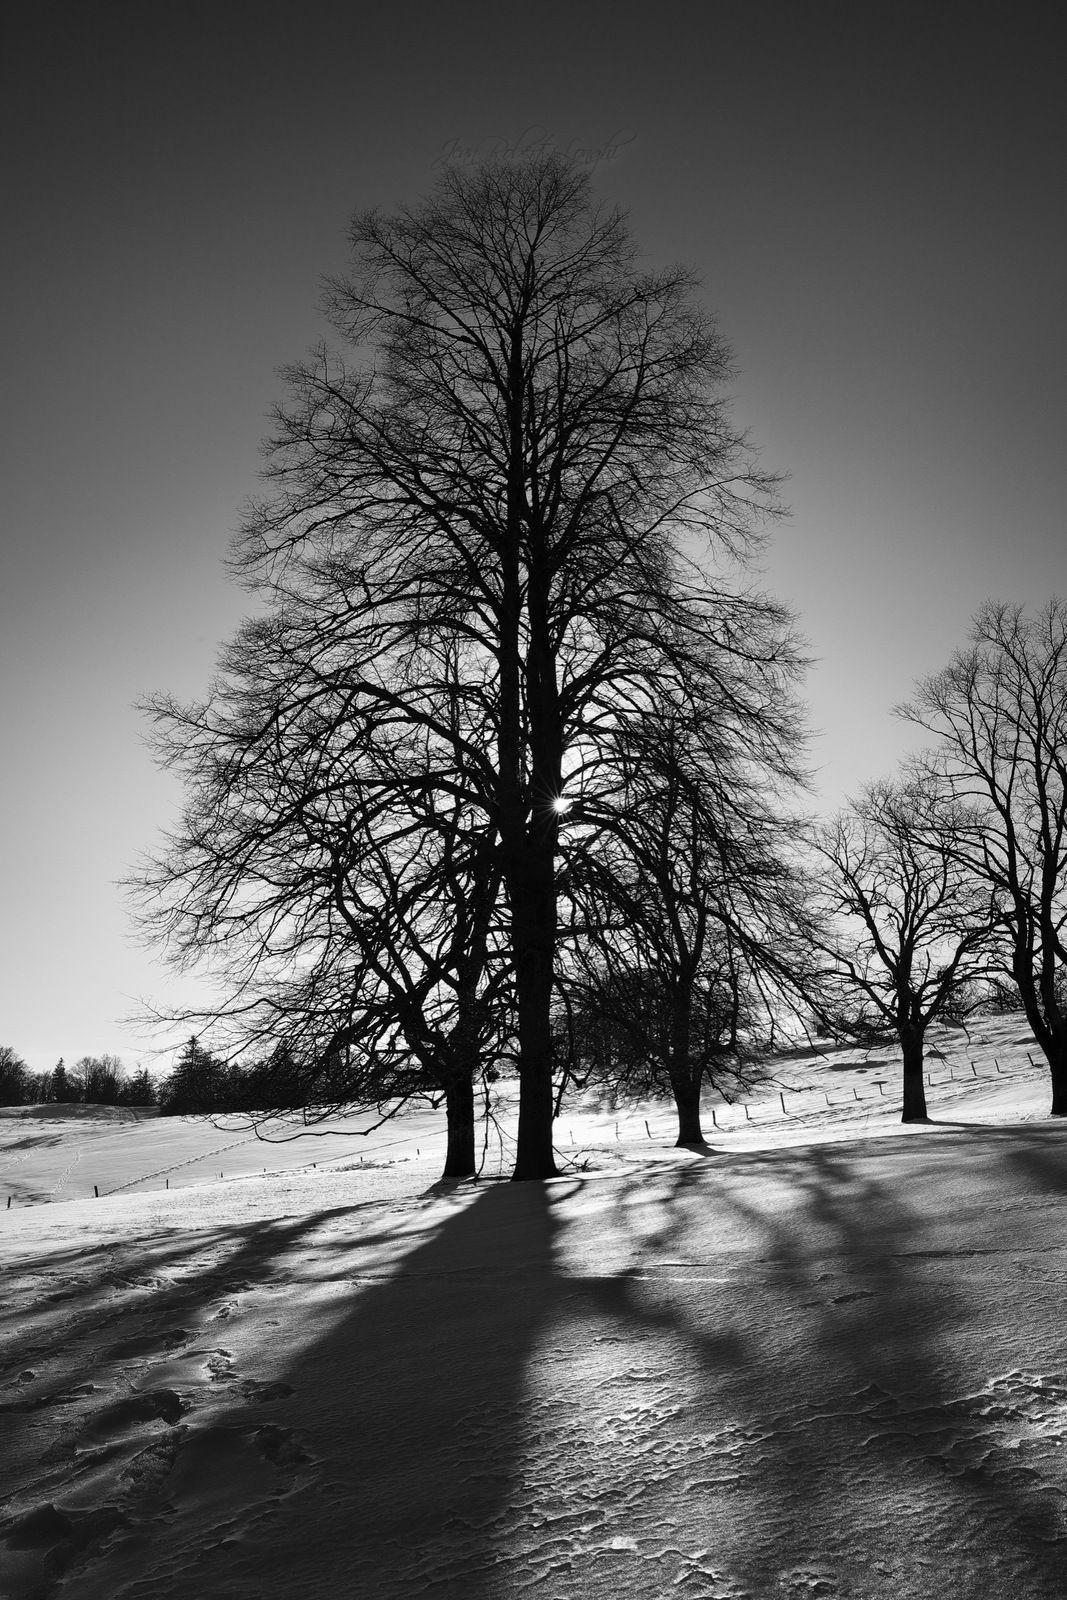 Le Larmont - Hiver - 49 - ©2021 Jean-Robert Longhi Photographie non libre de droits.